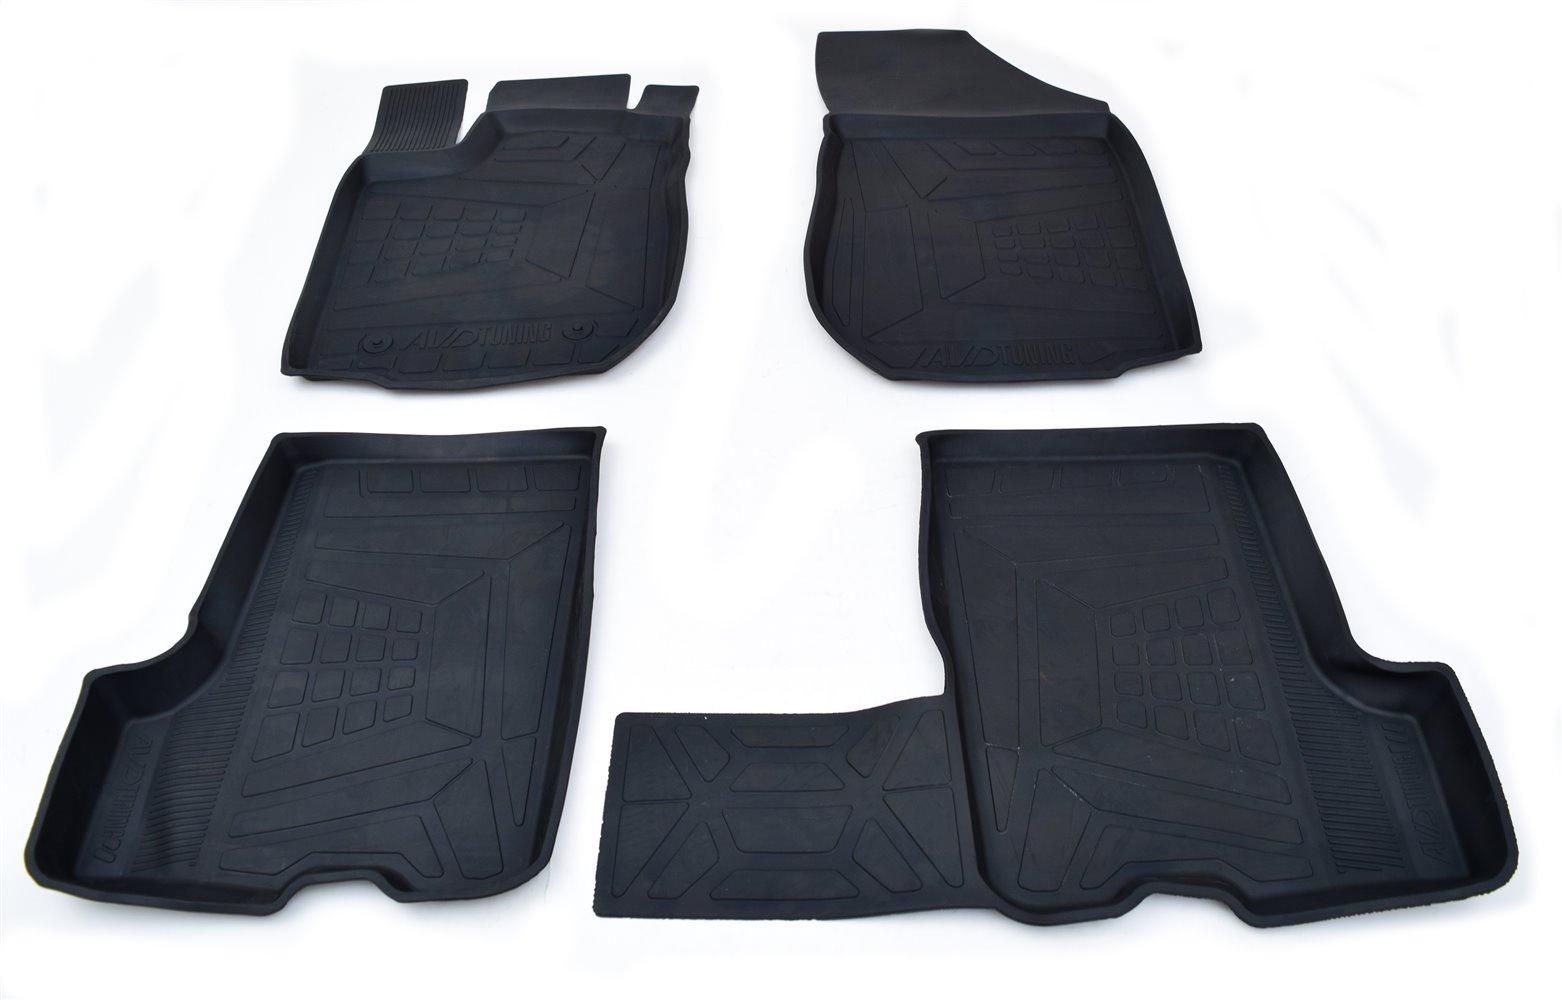 Коврики салона резиновые с бортиком для ВАЗ Приора (2007-) adrplr0231 коврики салона avtodriver для renault duster передний привод 2011 adrjet023 резиновые с бортиком черный